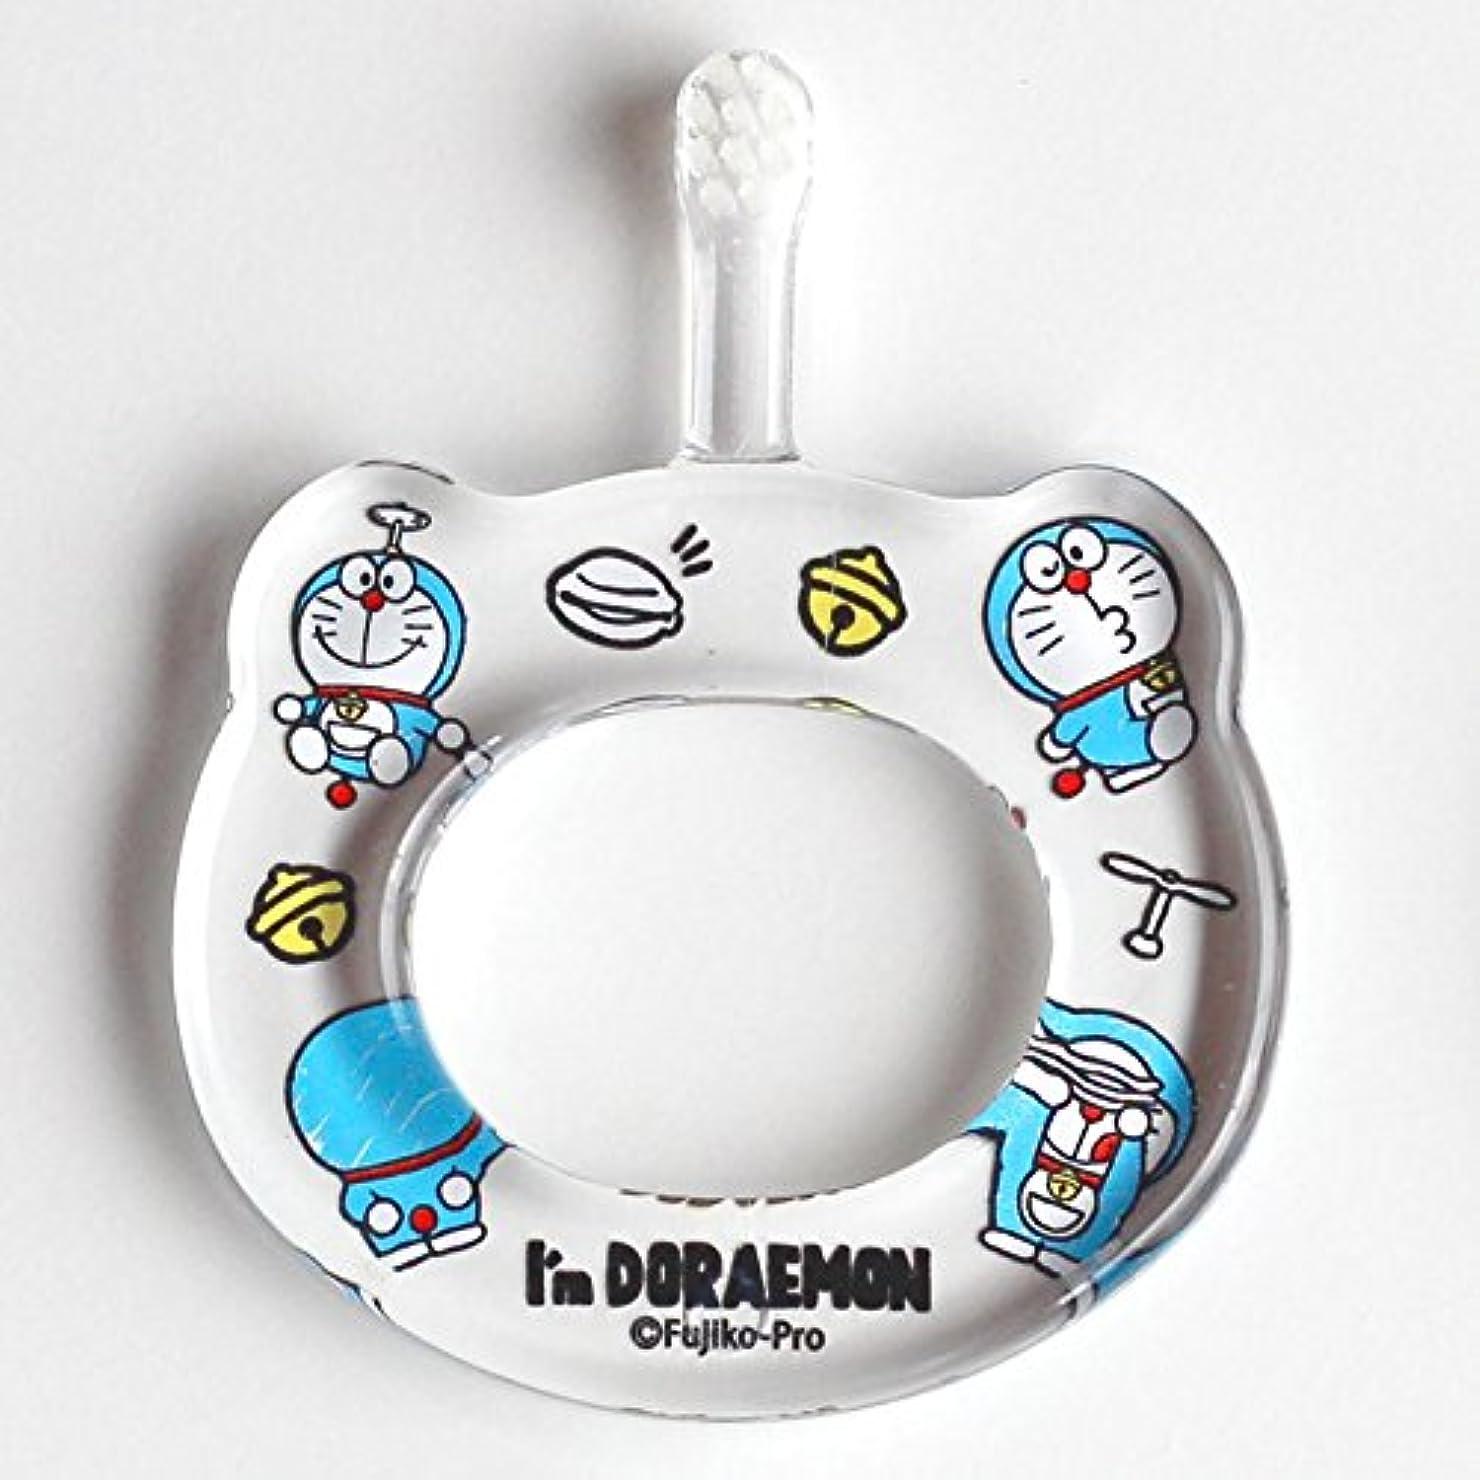 ハミングバード埋め込む受粉者HAMICO ベビー歯ブラシ(キャラクター限定商品) ワンサイズ ドラえもん